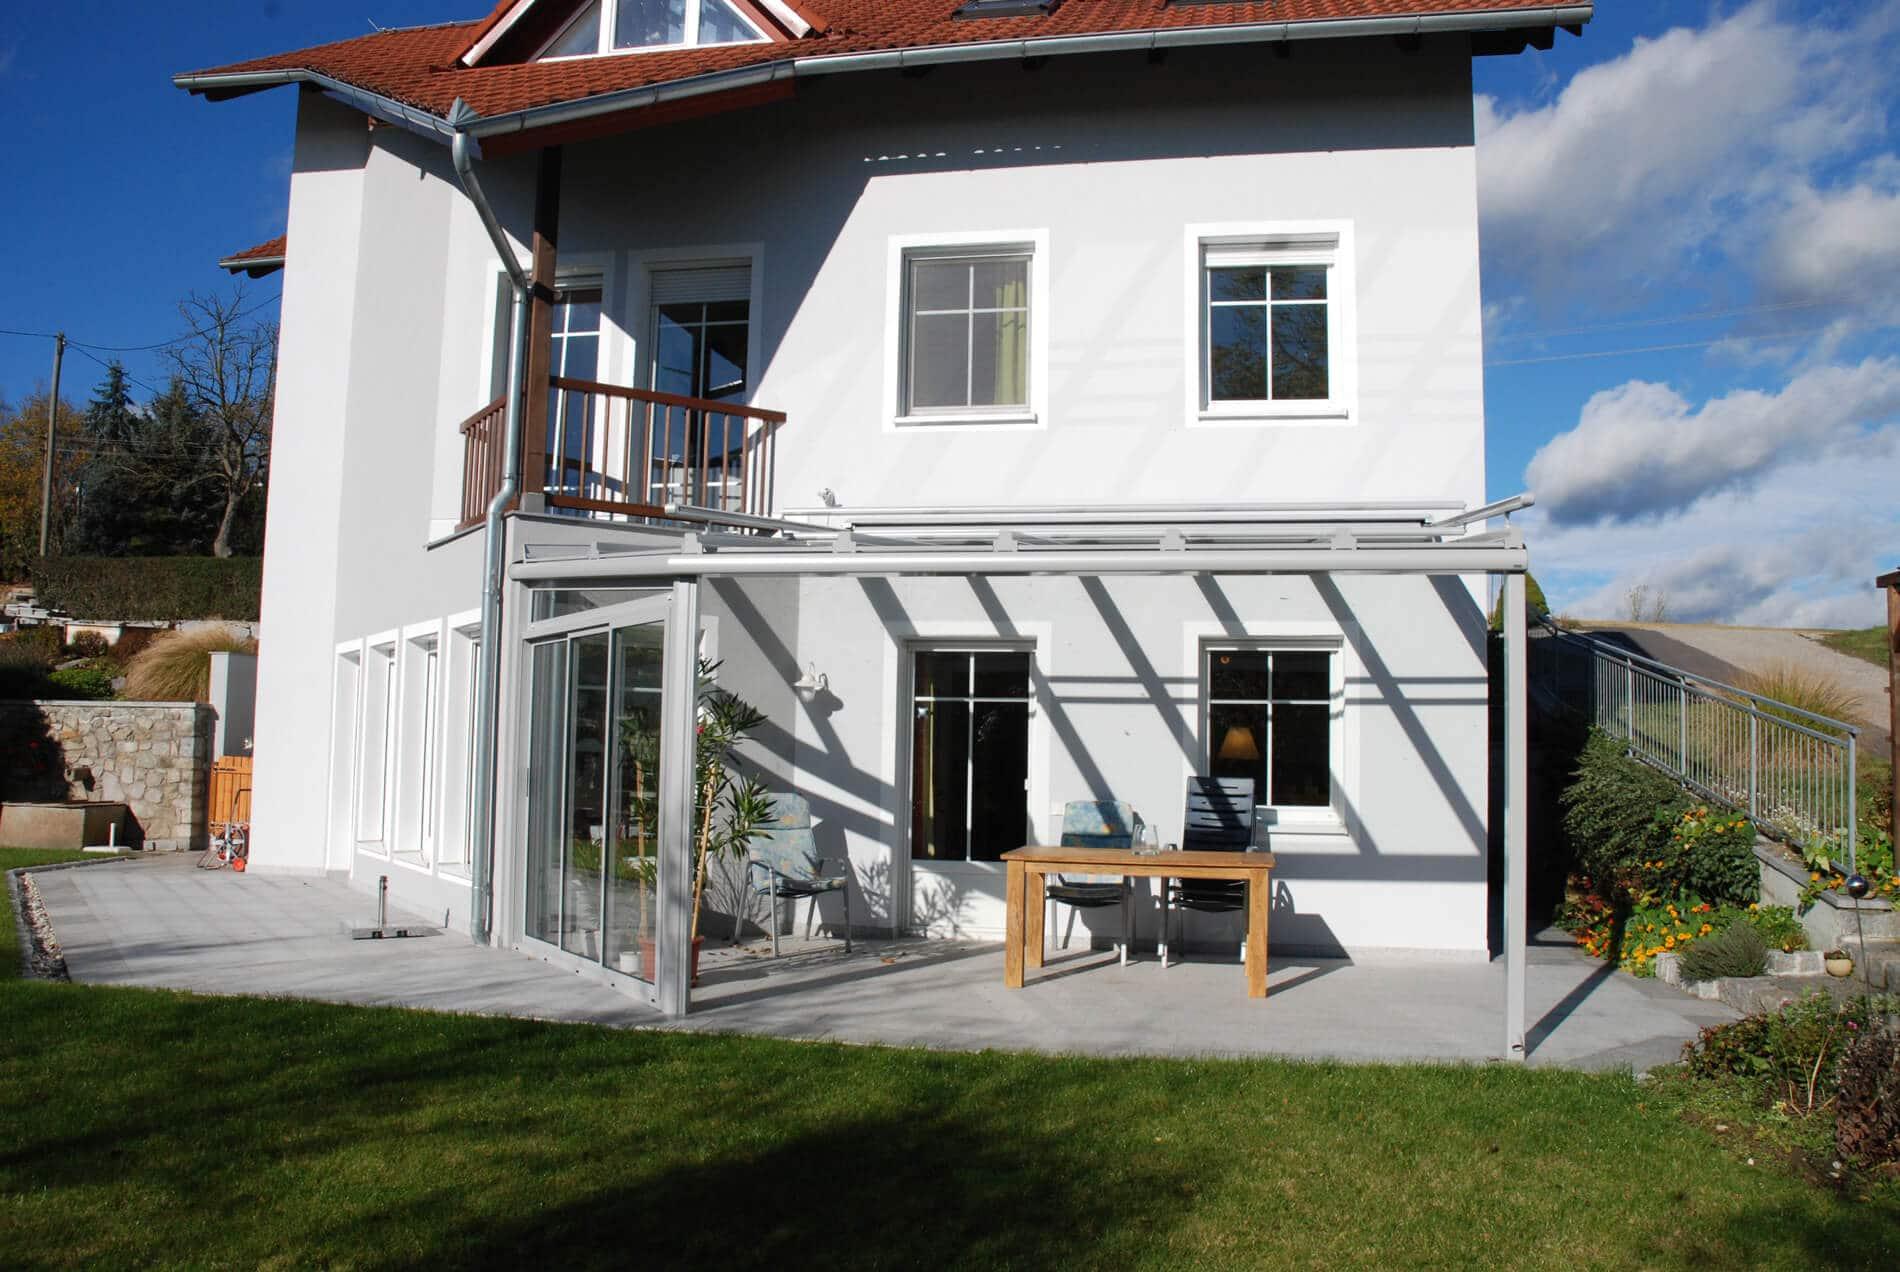 Referenzen Terrassenüberdachung Einfamilienhaus